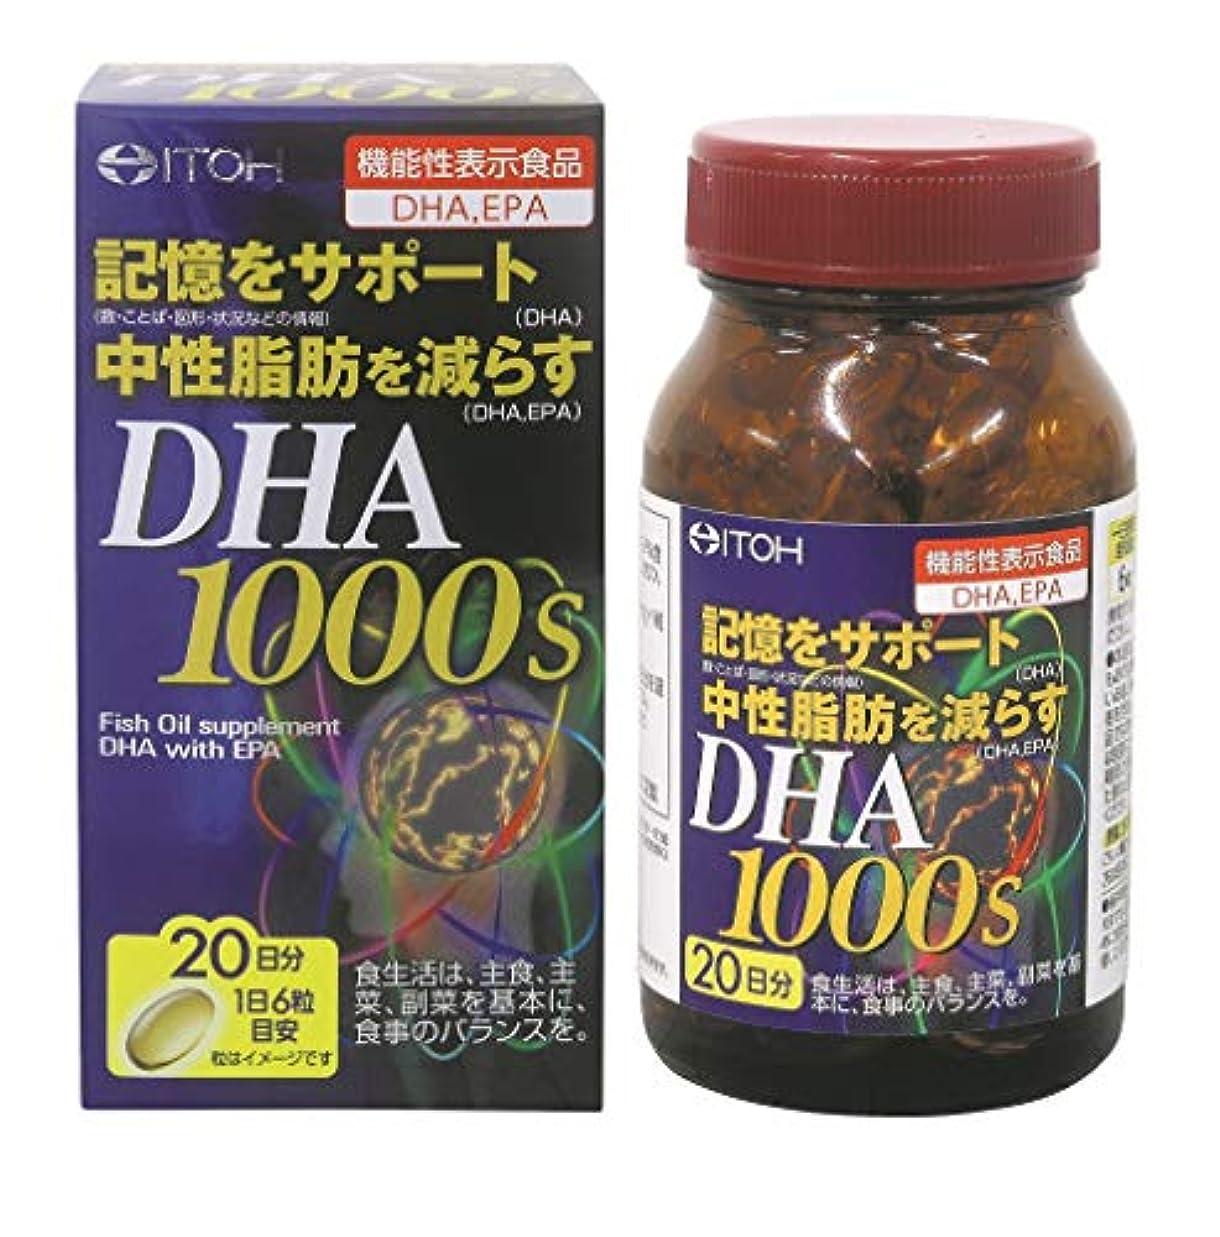 トロリー放送ケント井藤漢方製薬 DHA1000 (ディーエイチエー) 約20日分 120粒